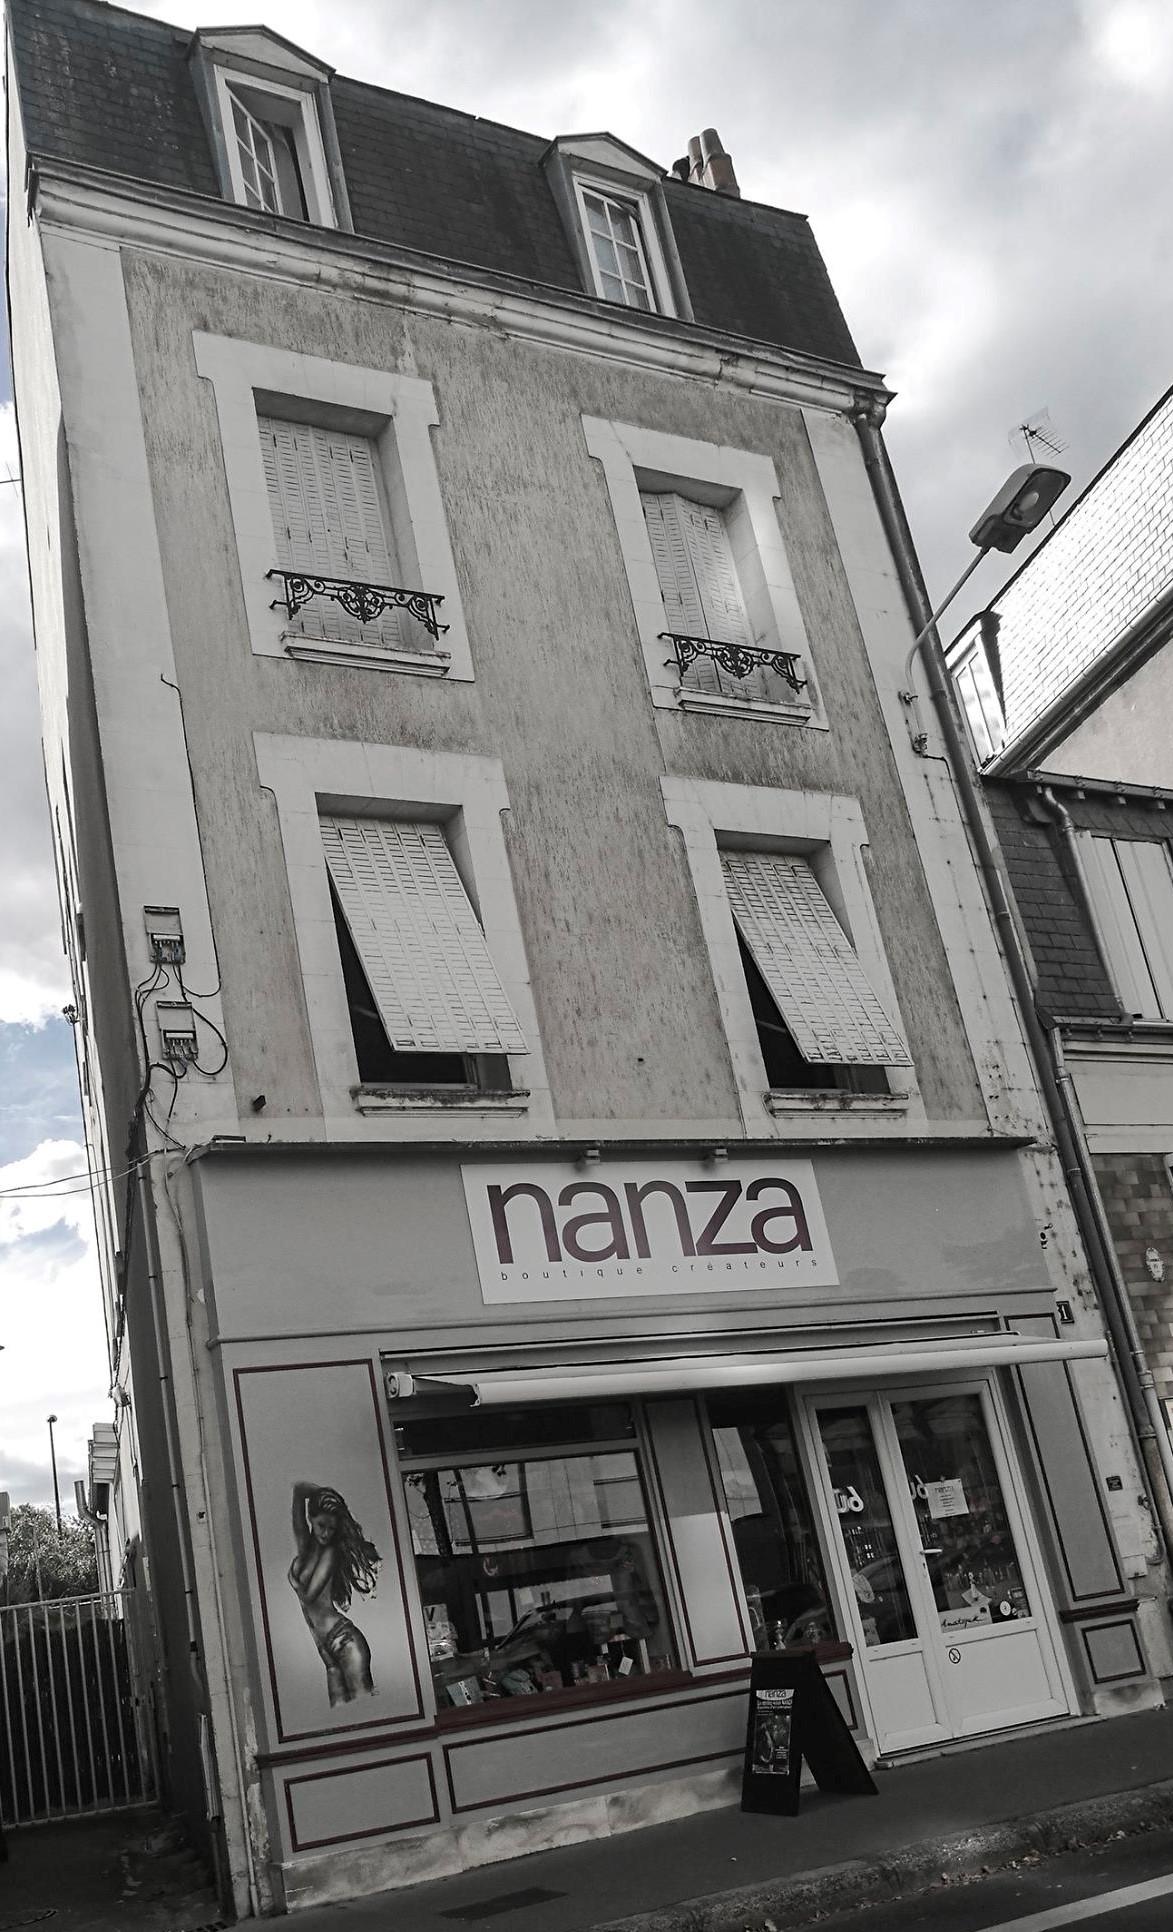 Nanza - L'Escale des Créateurs